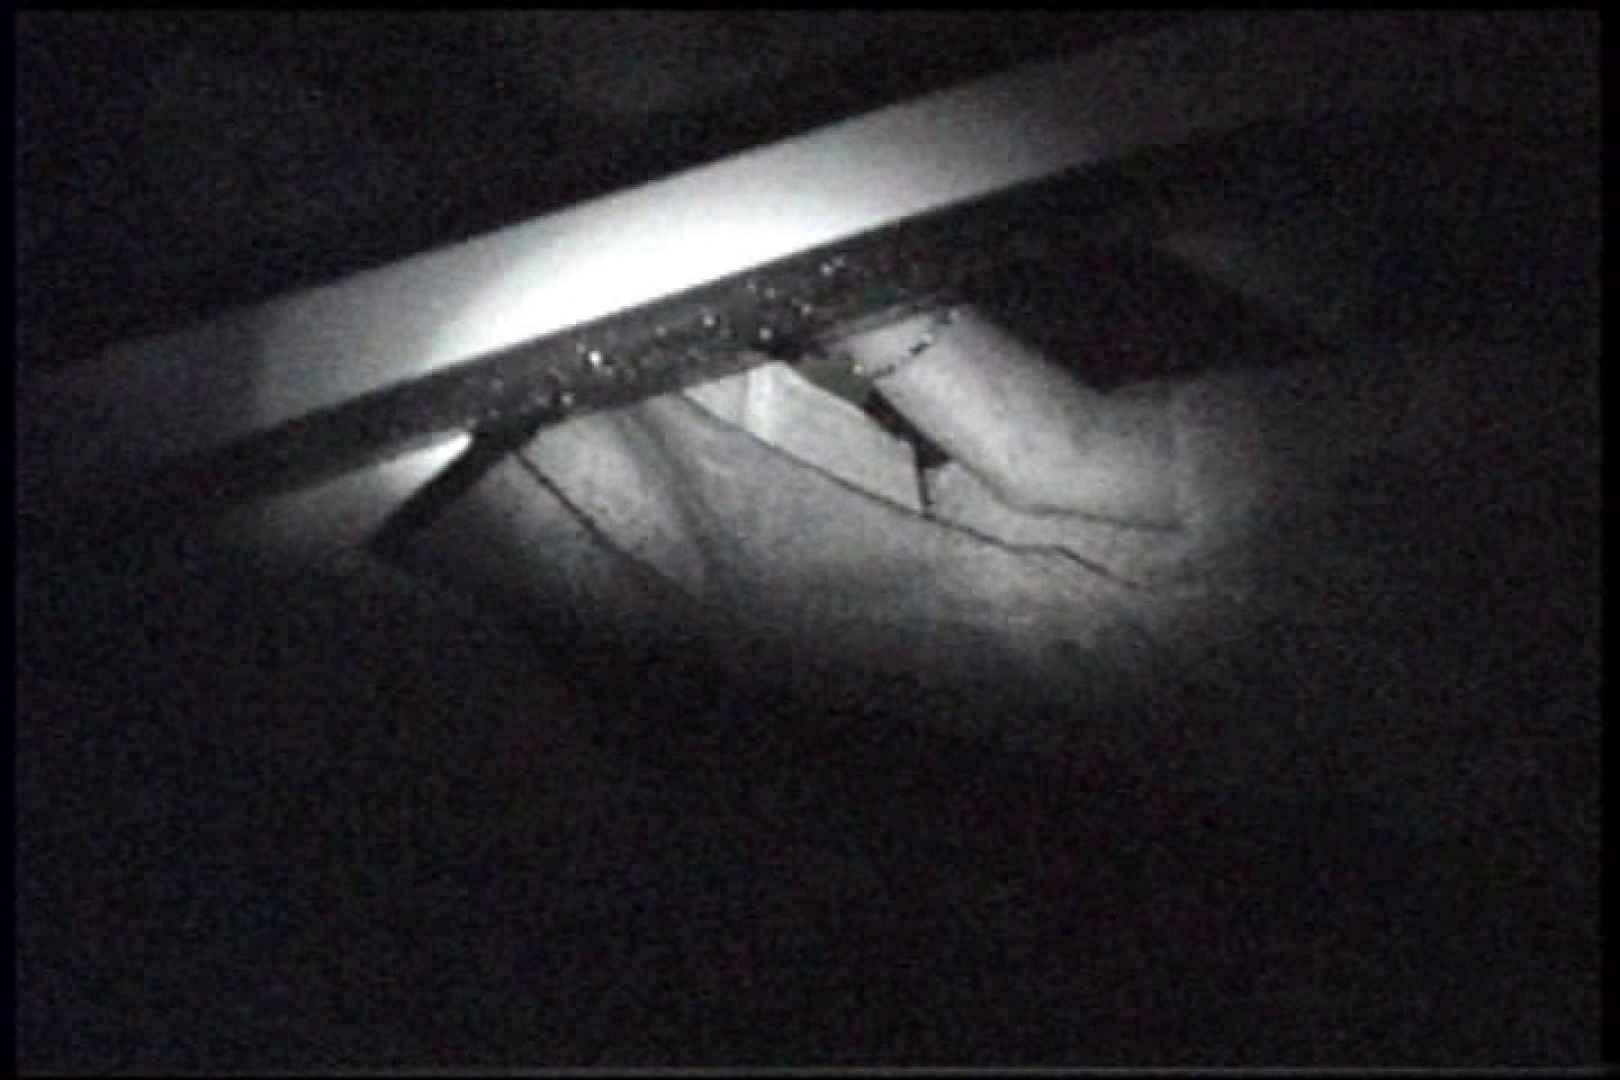 充血監督の深夜の運動会Vol.235 OLエロ画像 | 0  97PICs 1